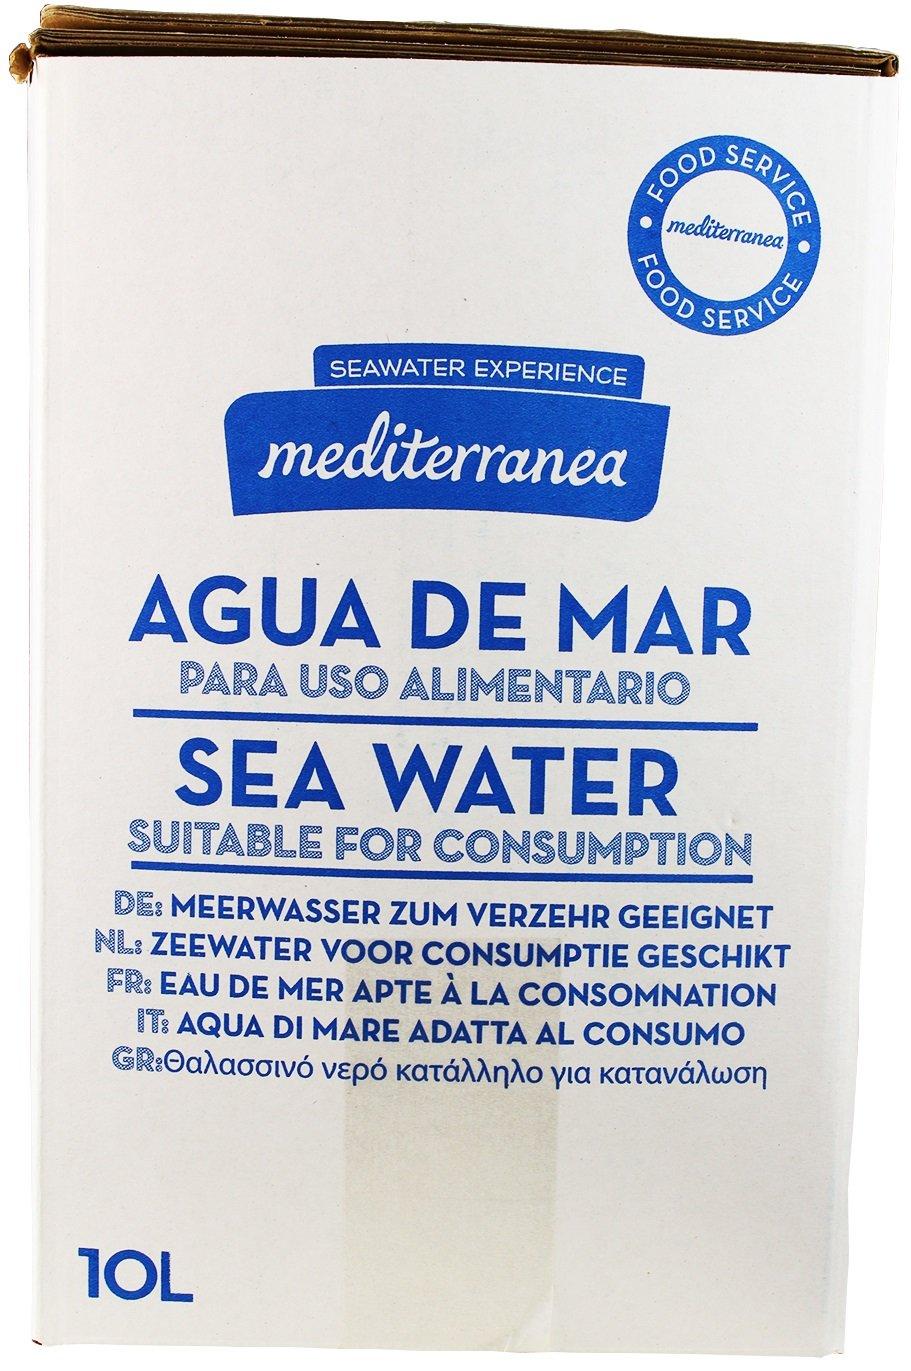 Mediterranea Agua de Mar Alimentaria en Envase de 10 Litros: Amazon.es: Salud y cuidado personal